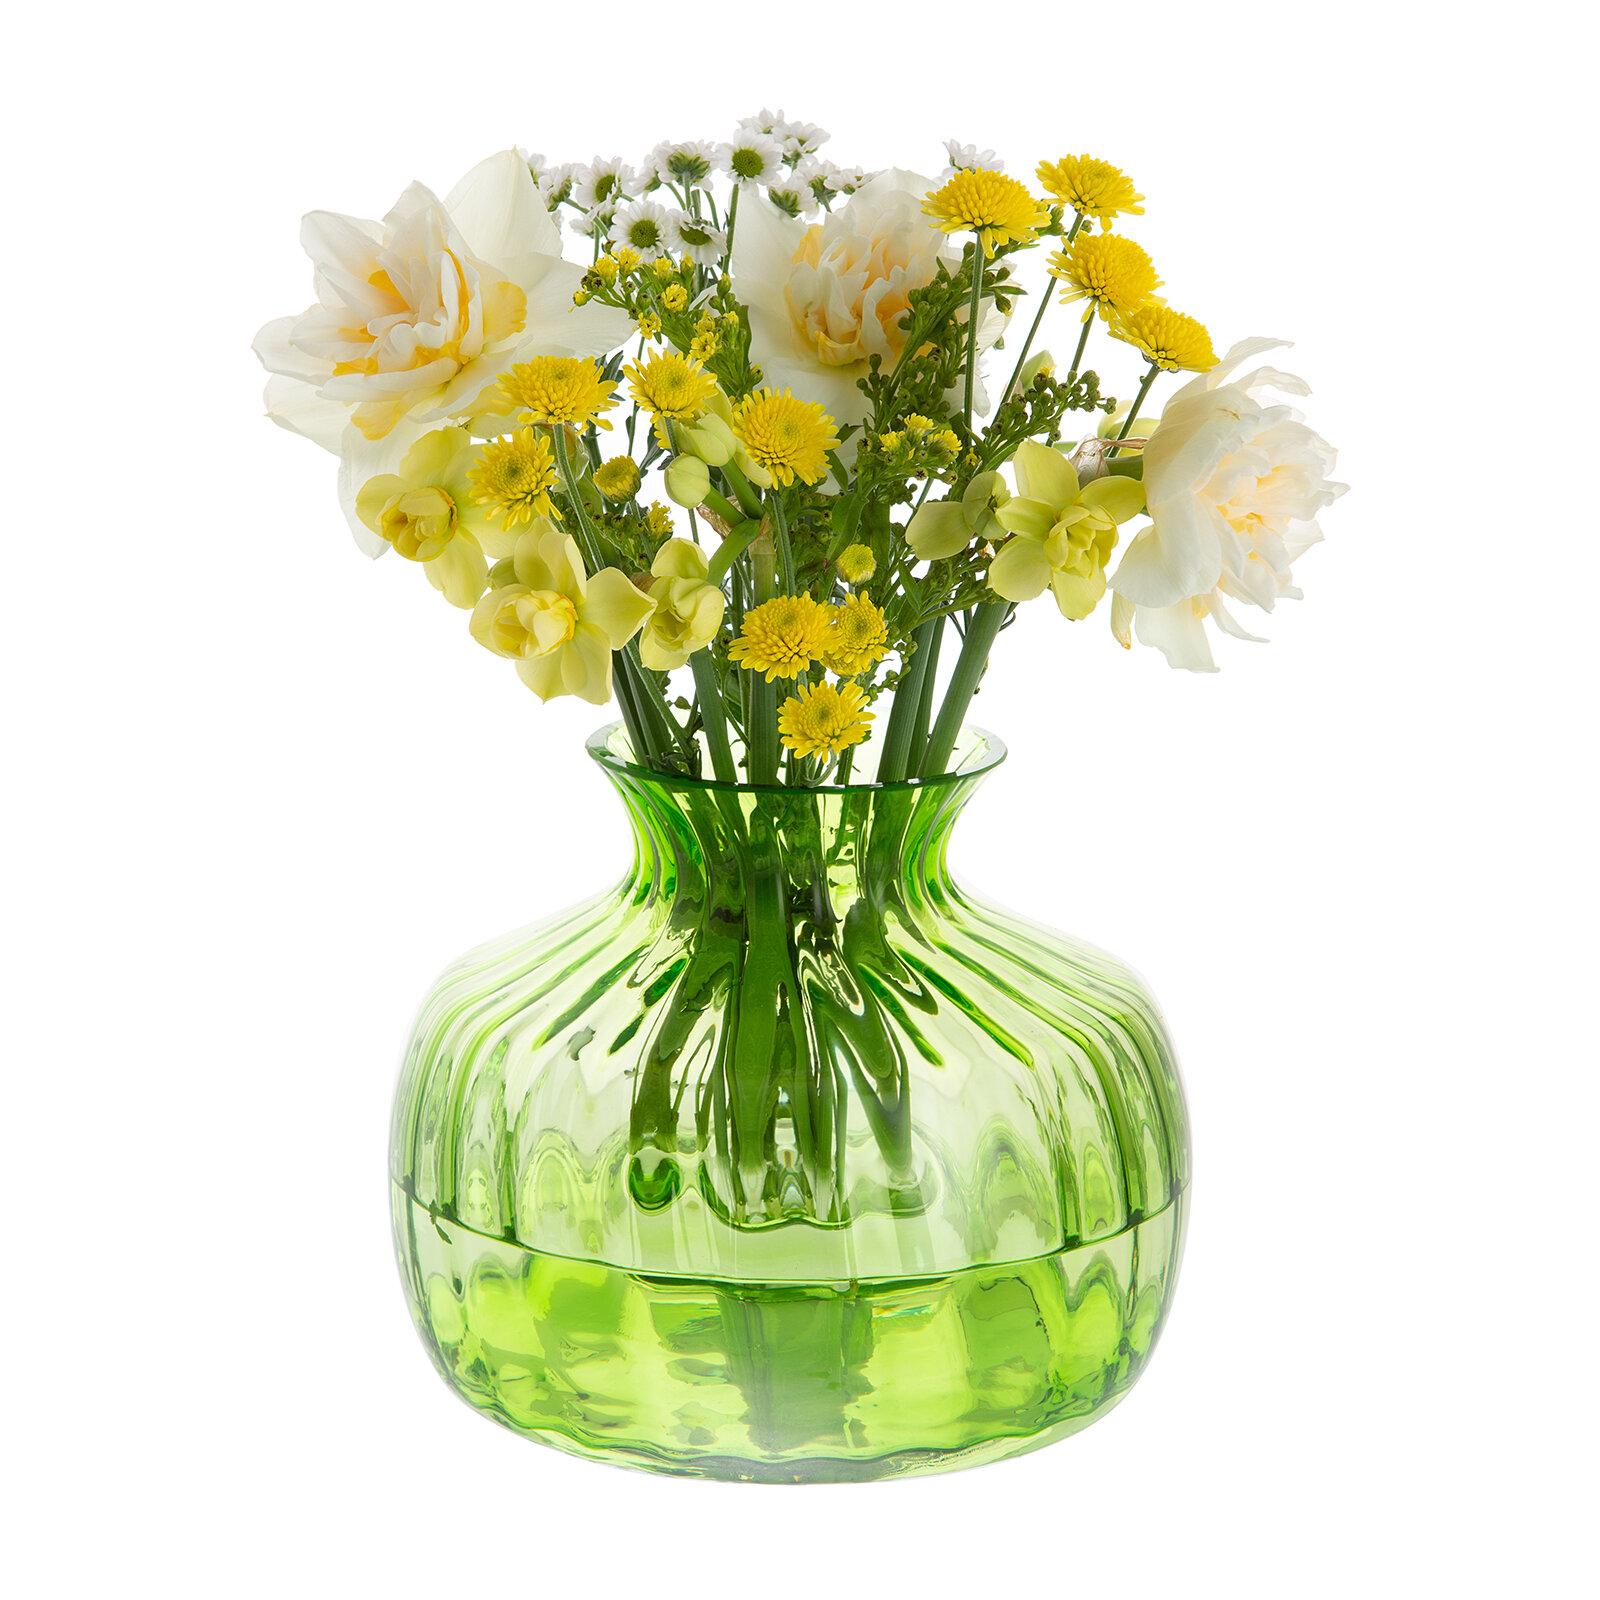 Dartington Crystal Table Vase Wayfair Co Uk